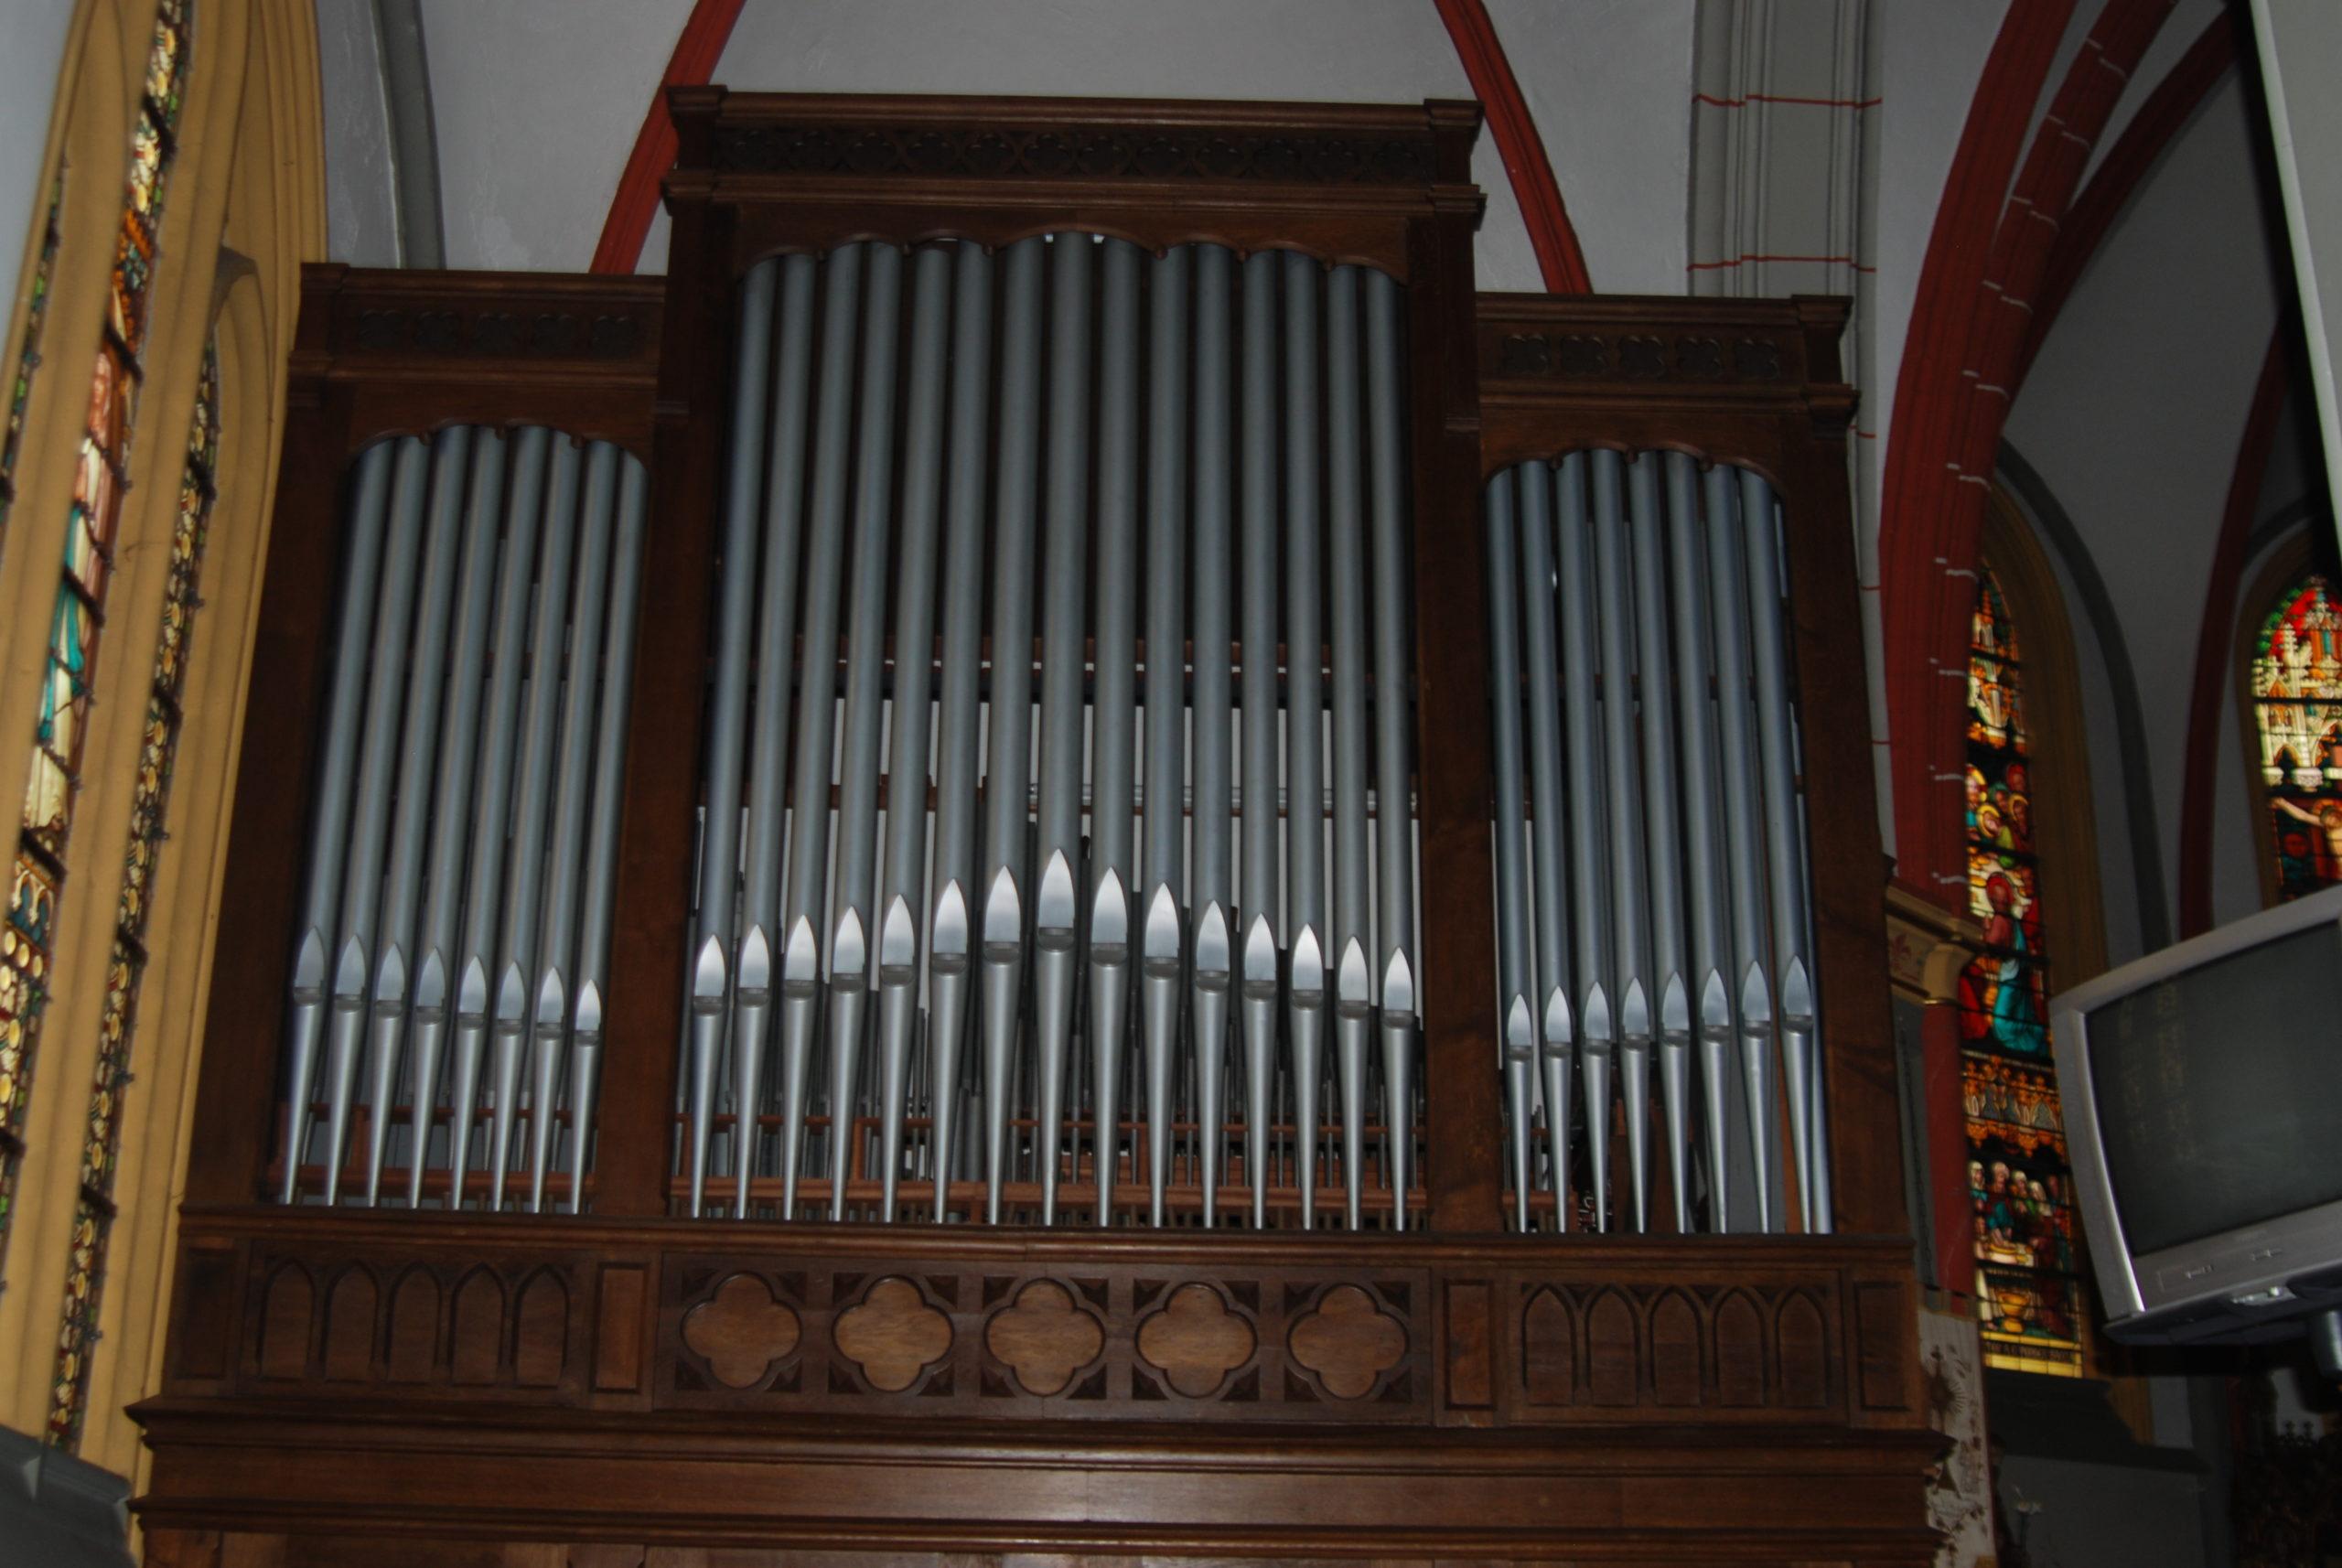 Borne-orgel09